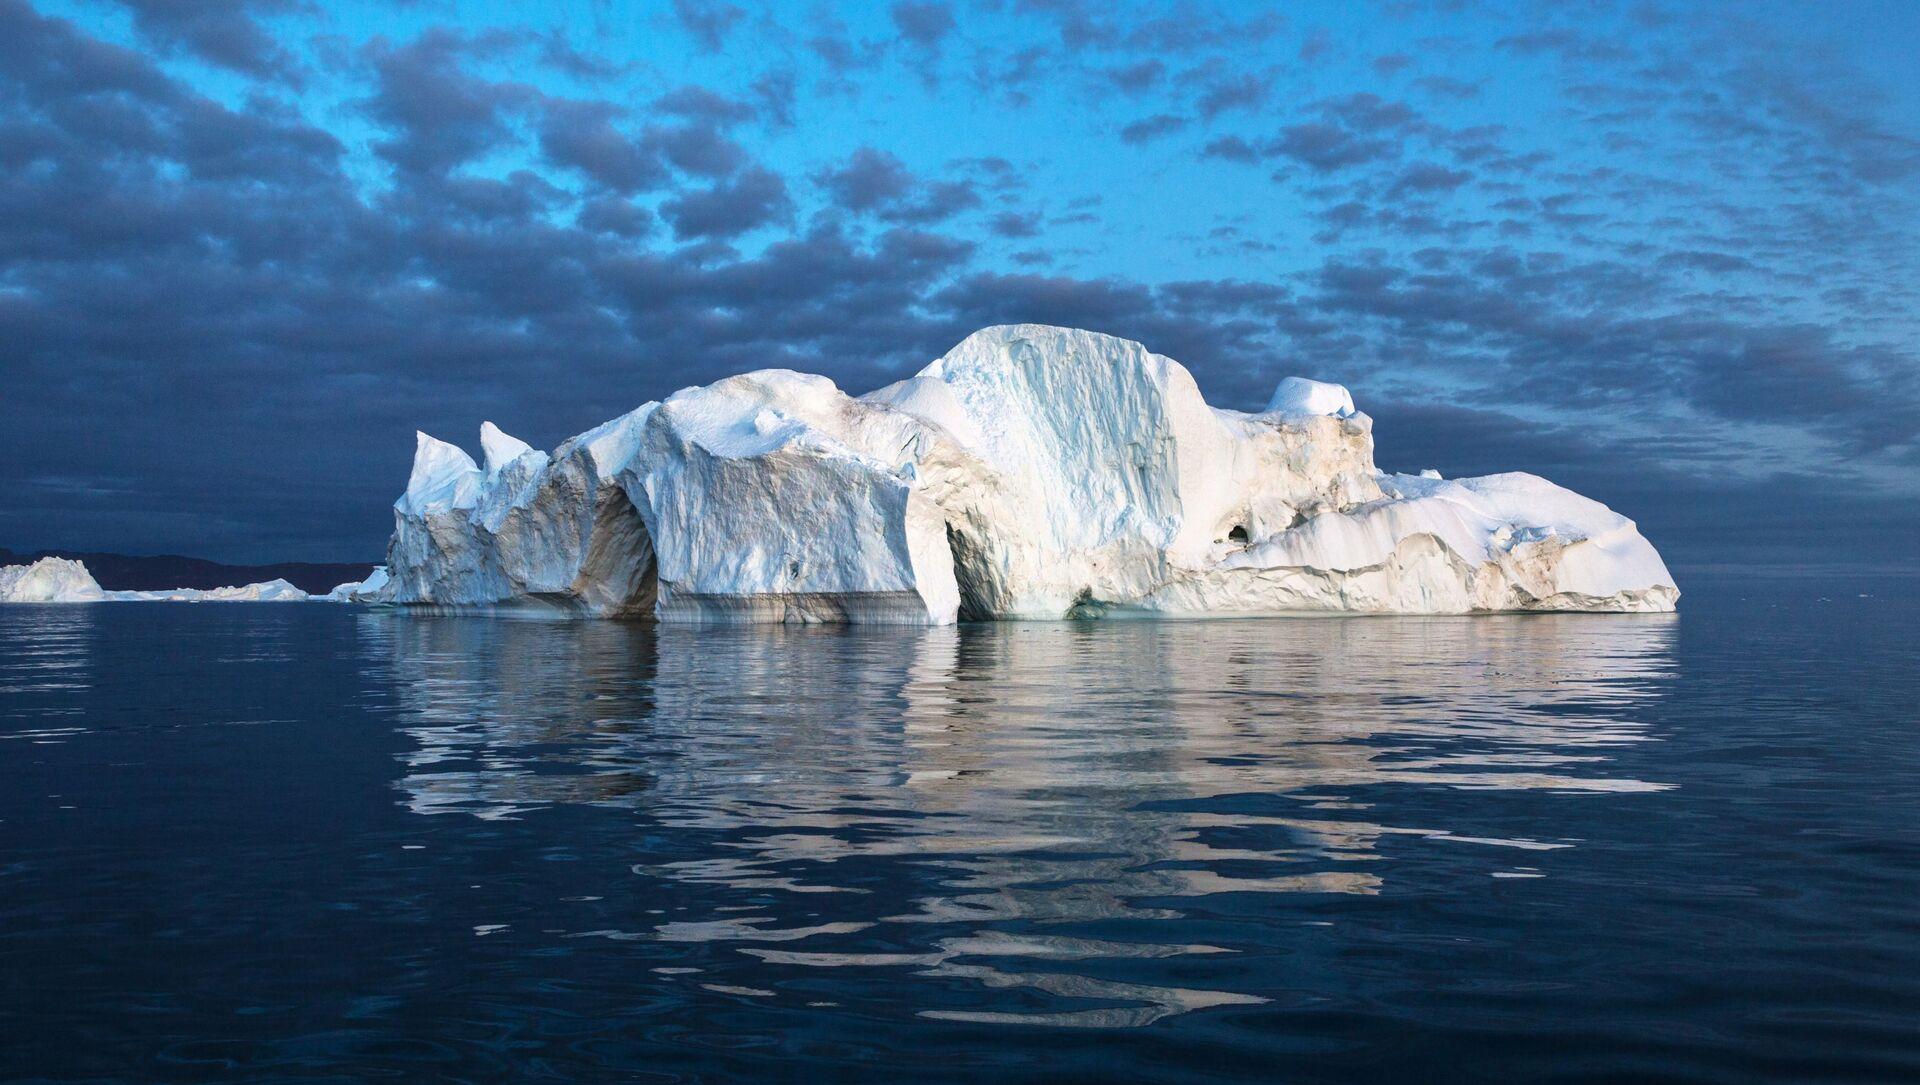 Góra lodowa w pobliżu Grenlandii. - Sputnik Polska, 1920, 27.02.2021